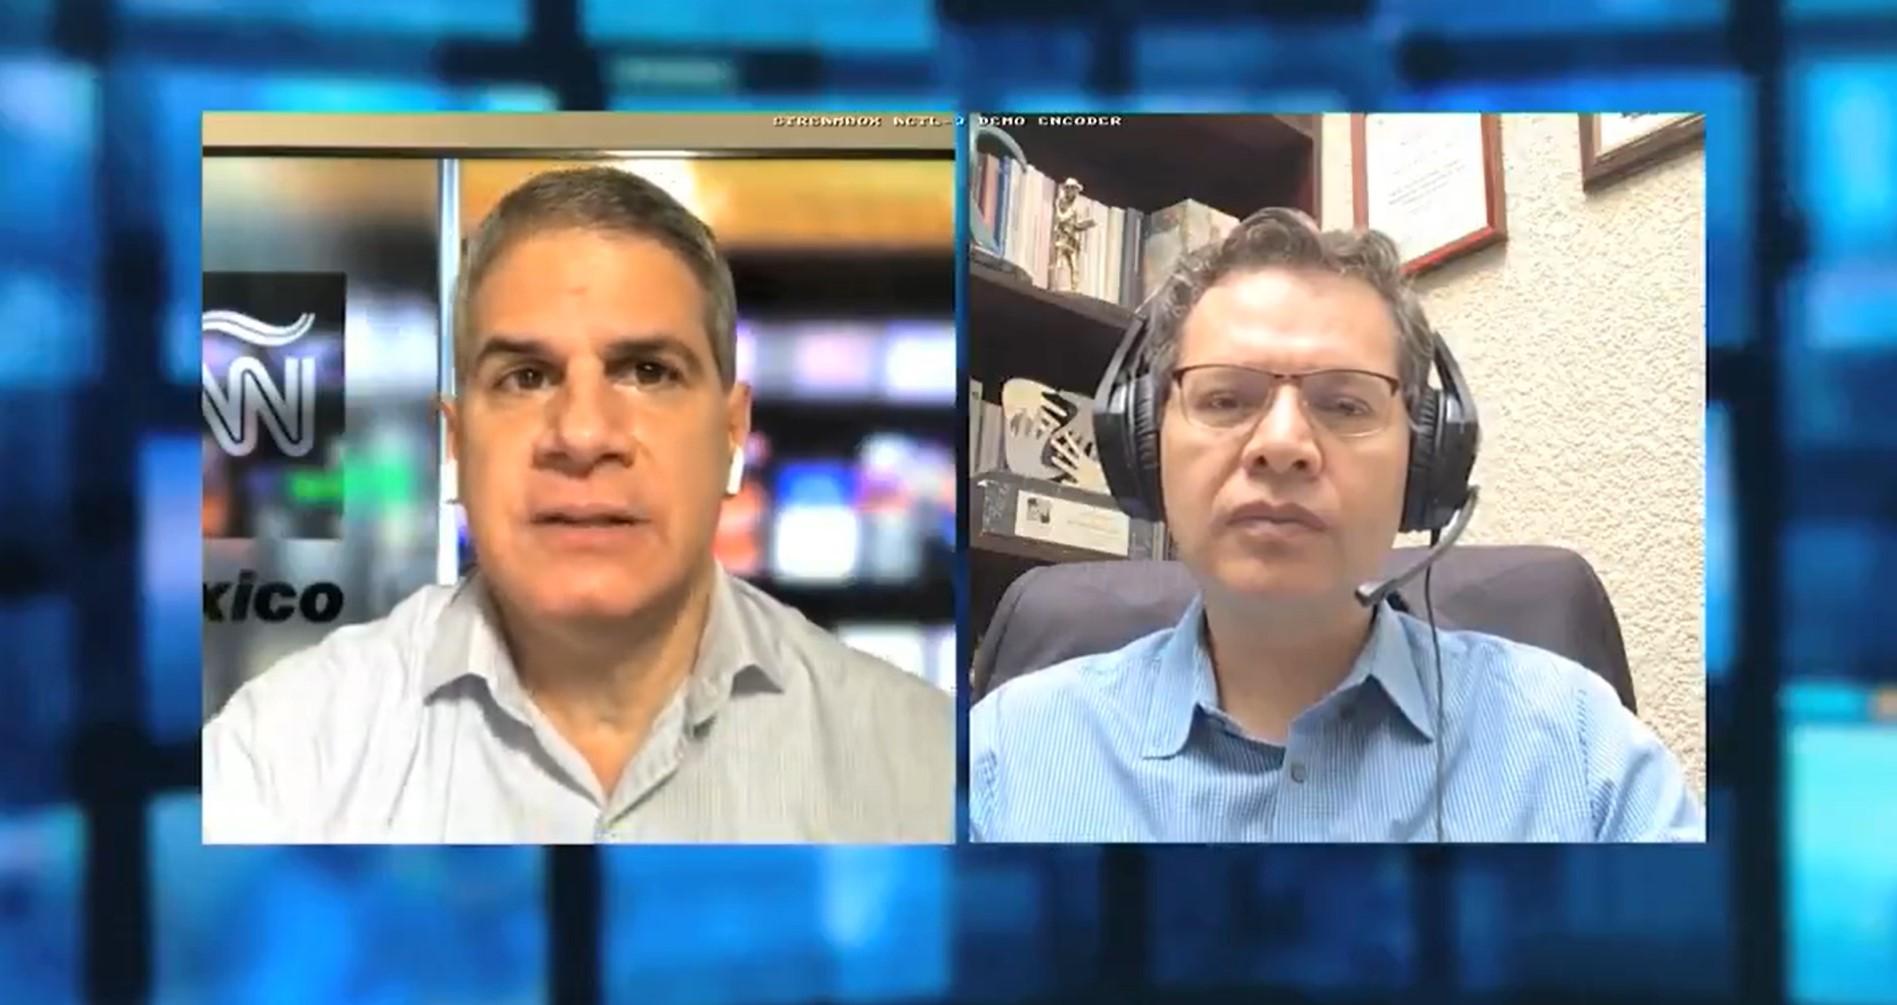 CNN JLDG Rey Rodriguez